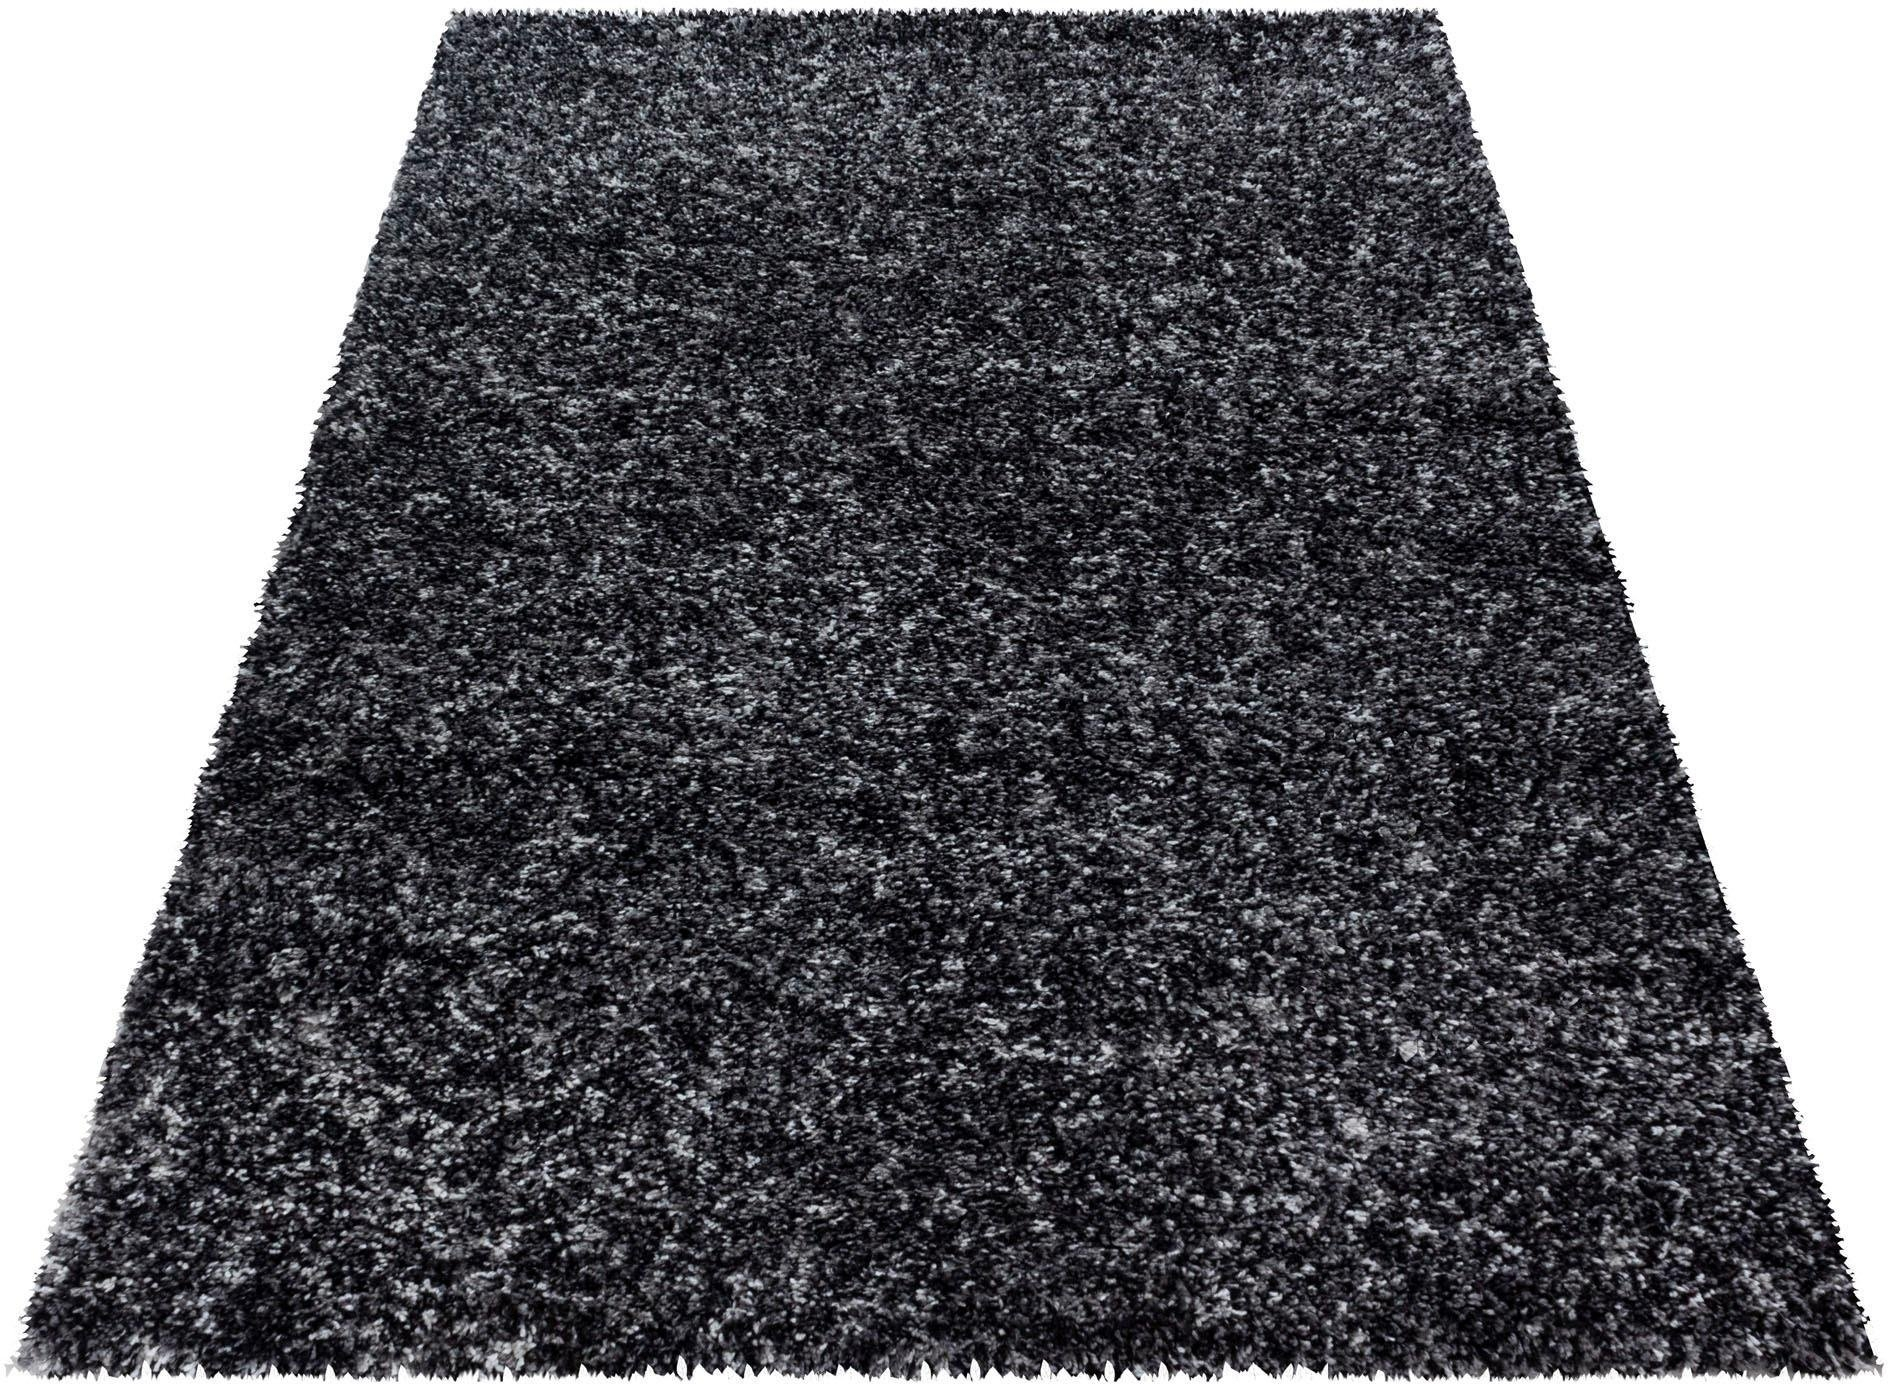 Ayyildiz Teppiche Ayyildiz hoogpolig vloerkleed »Enjoy Shaggy«, Ayyildiz, rechthoekig, hoogte 50 mm, machinaal geweven - verschillende betaalmethodes